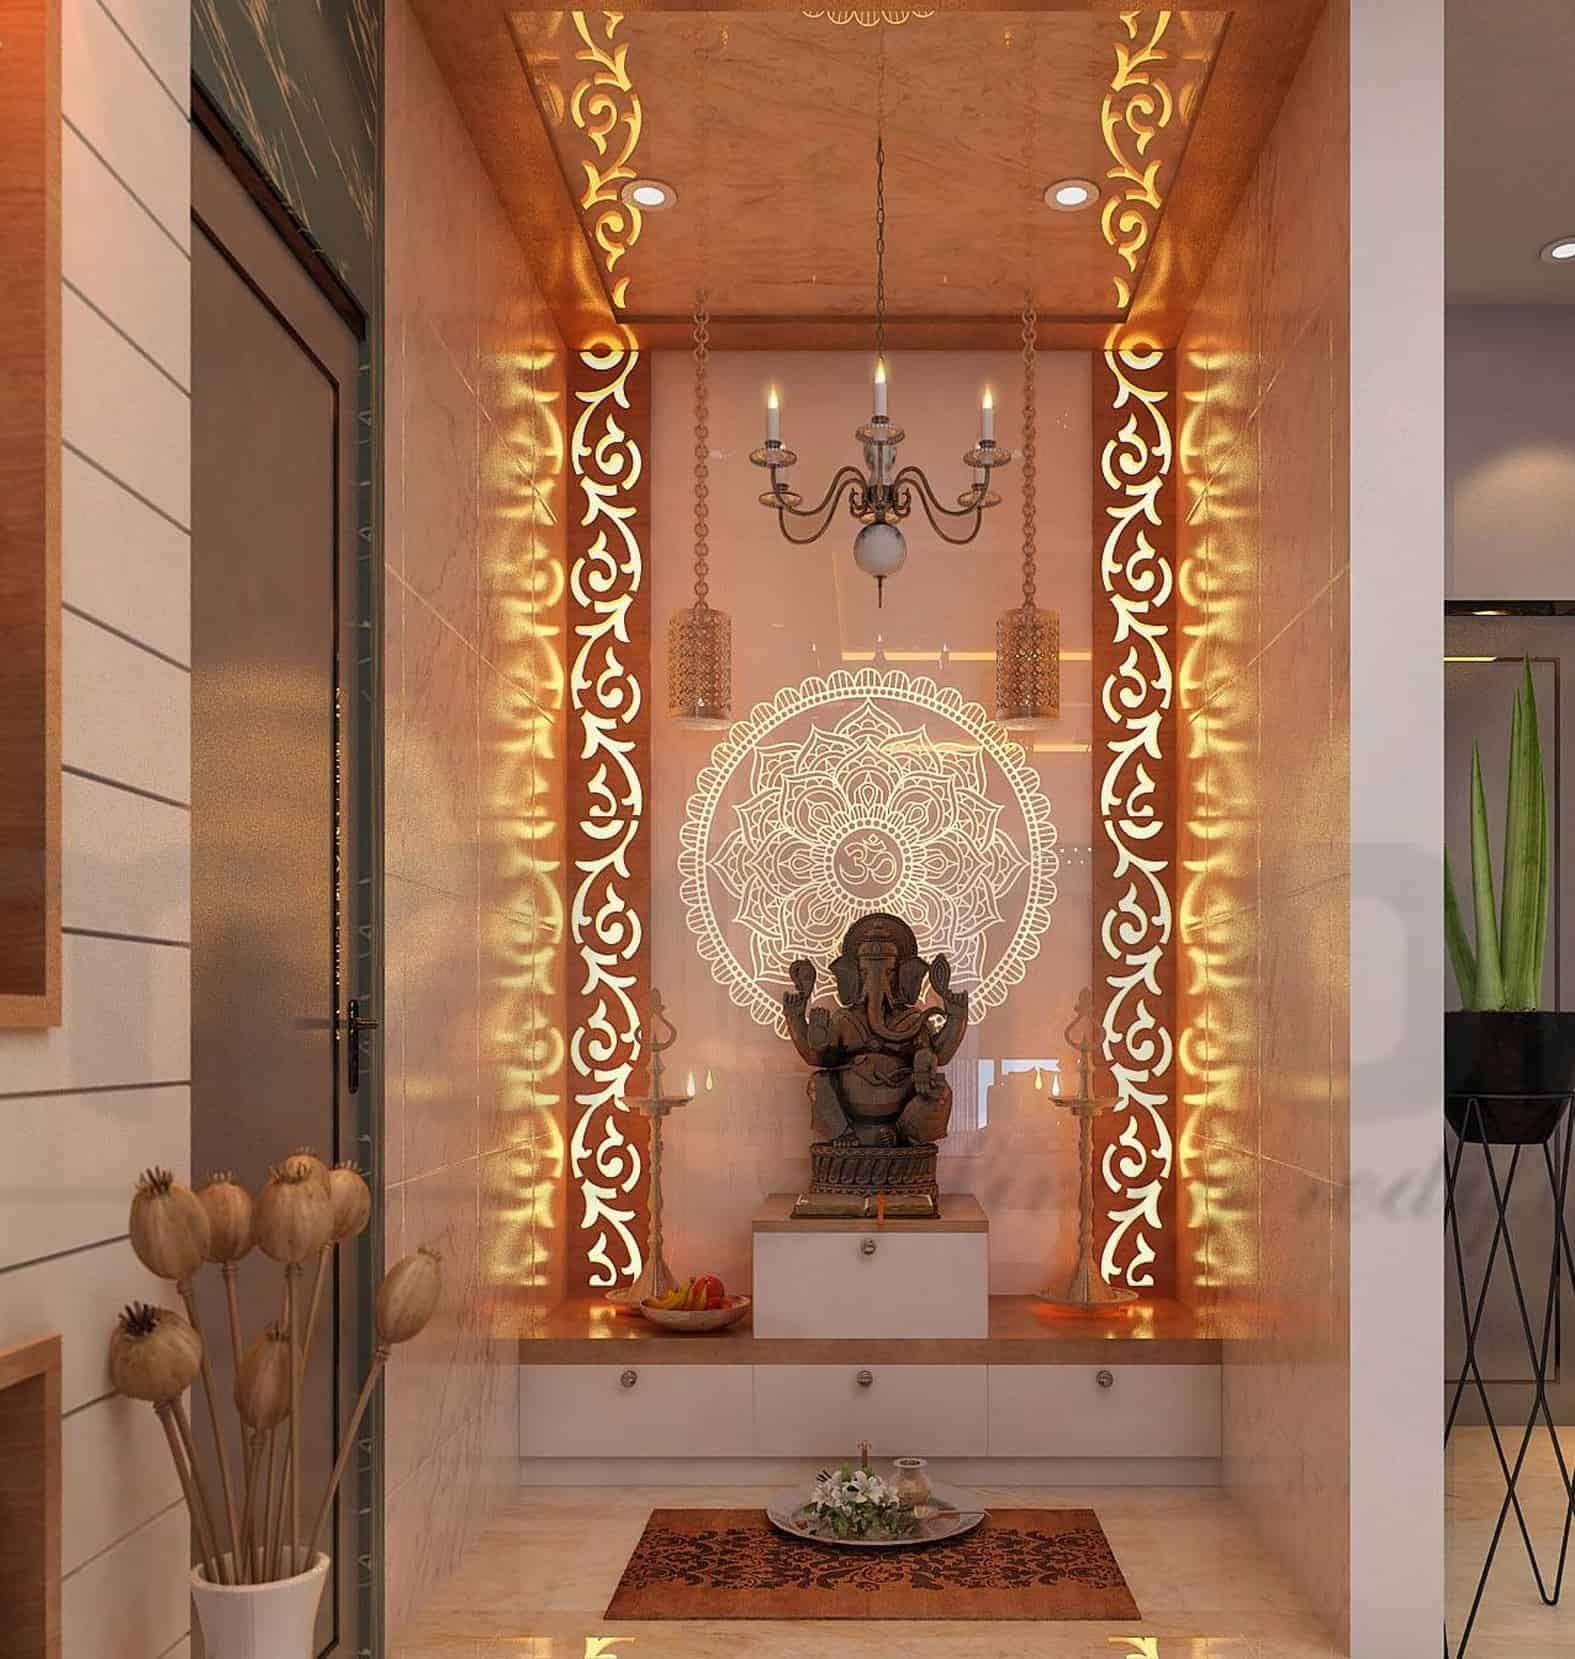 Living Room Interior Designers In Bangalore: Home Interior Designers In Banashankari